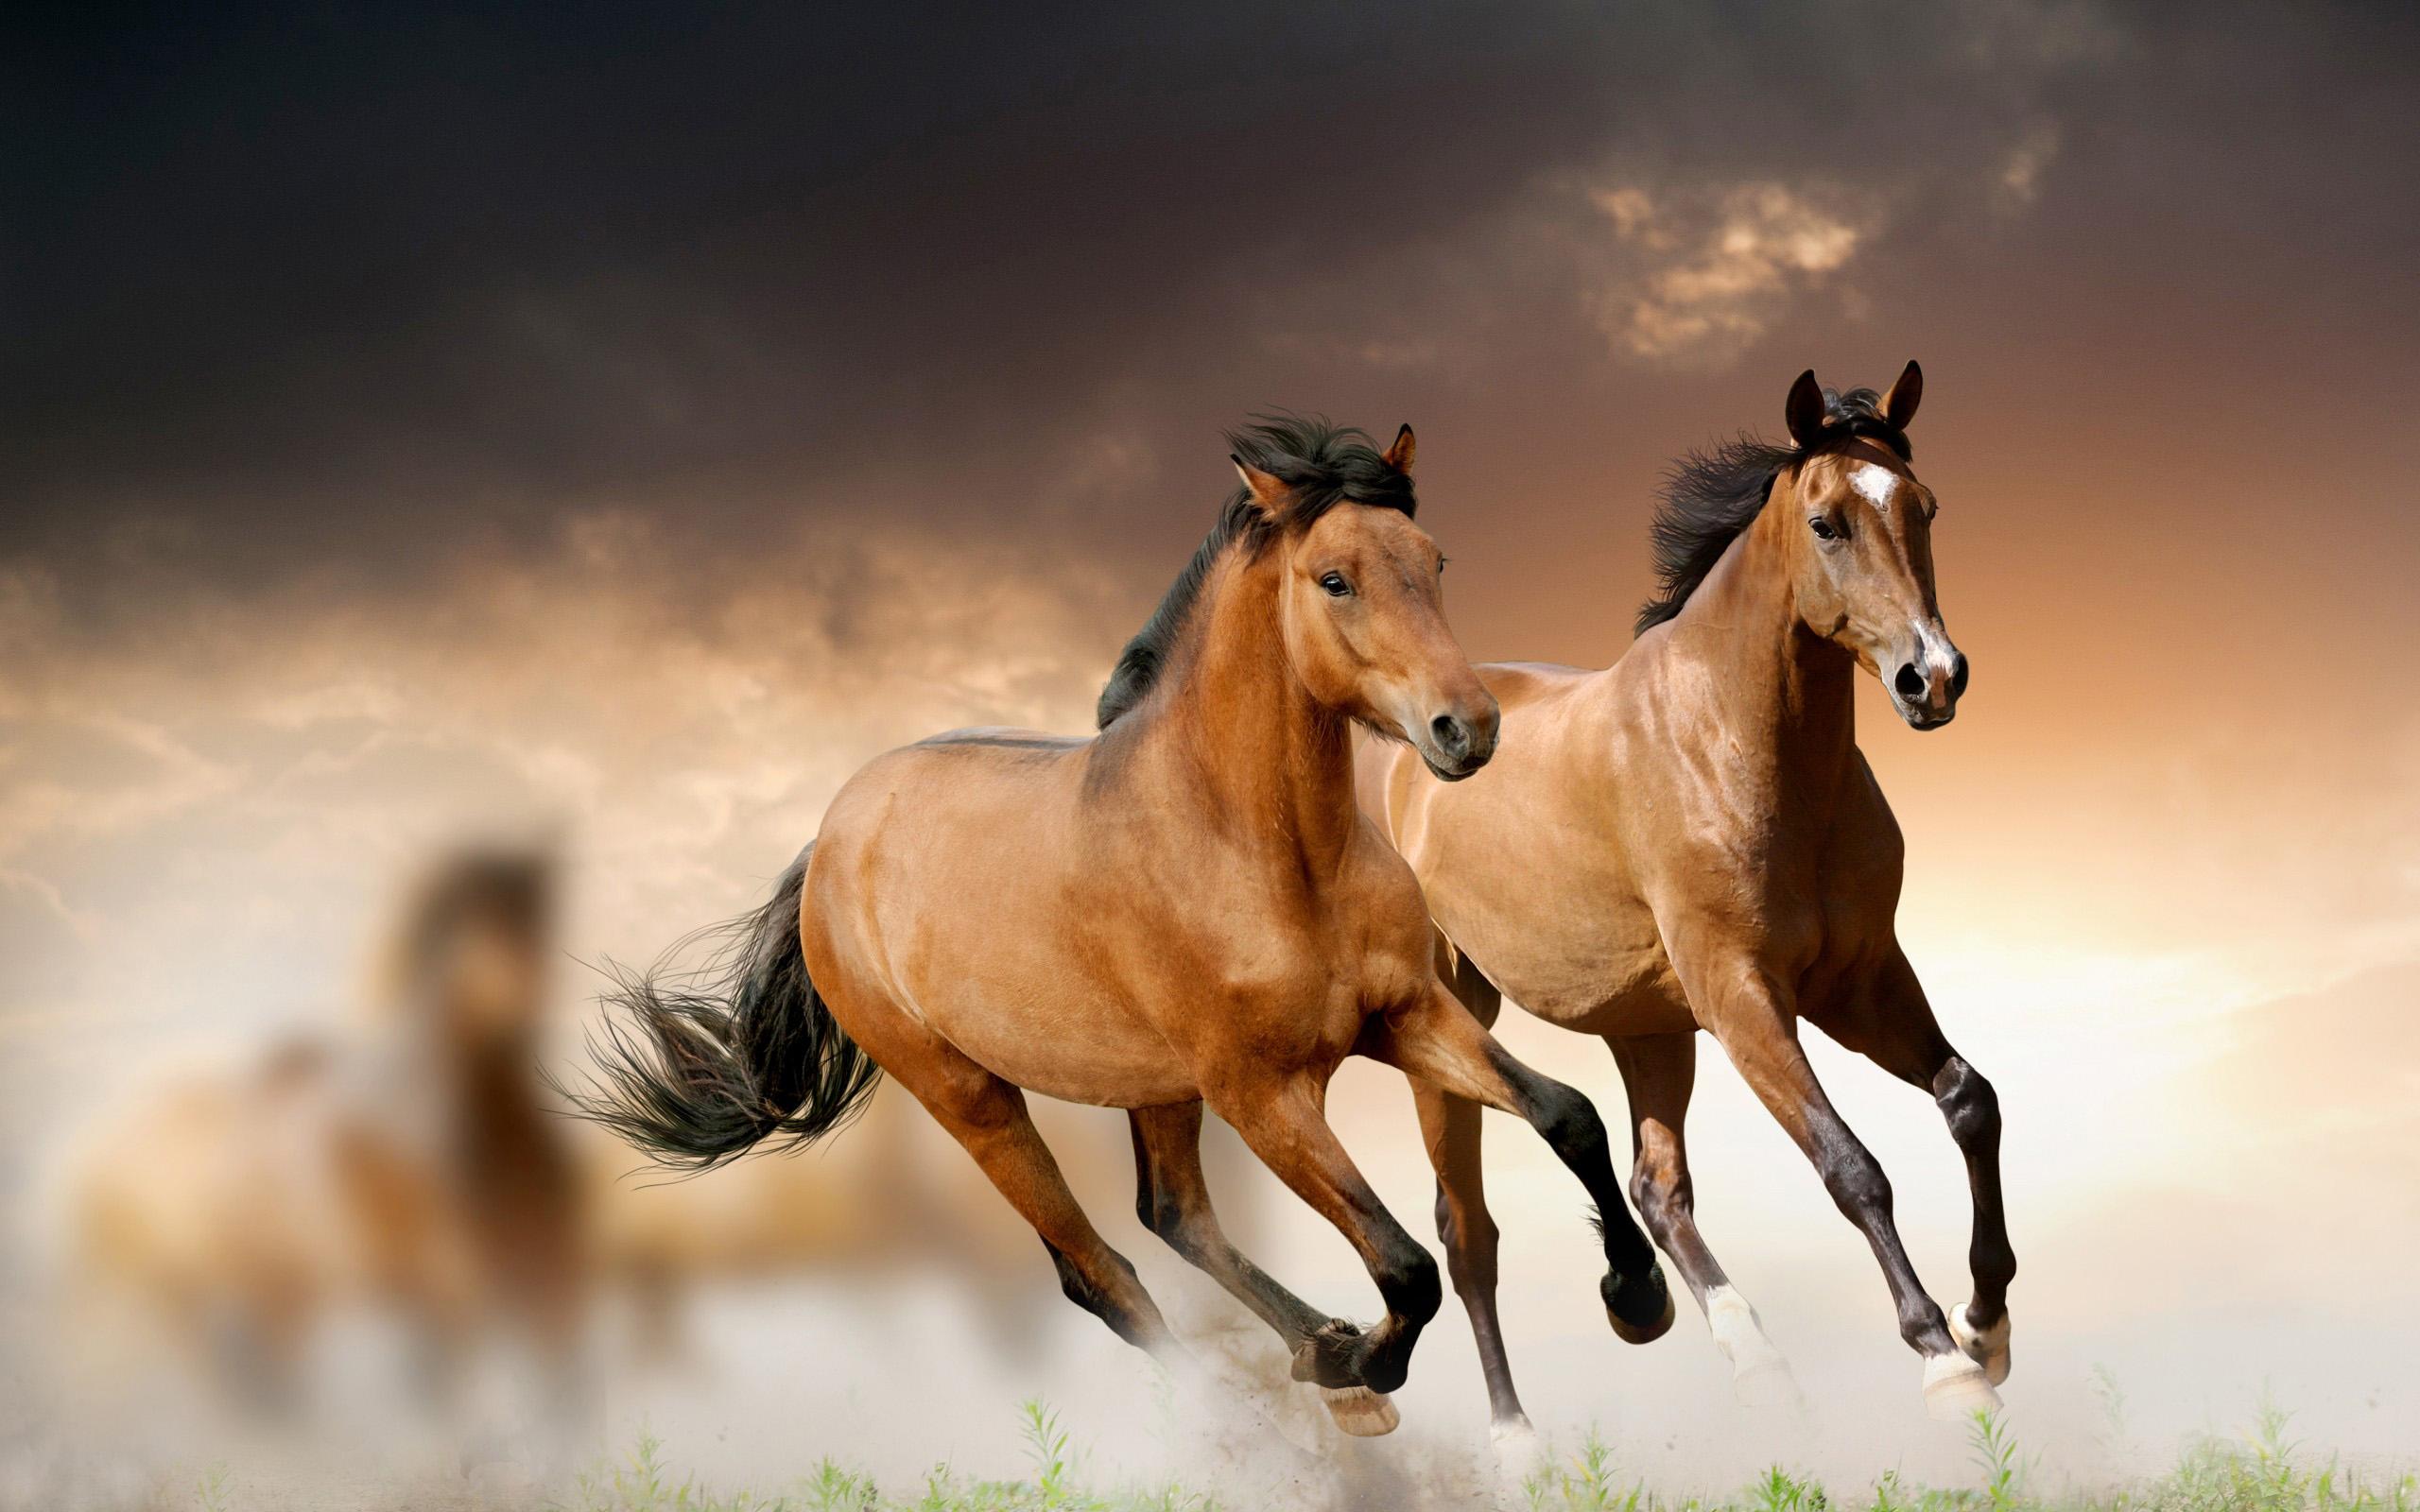 Wild Horse Bulgaria